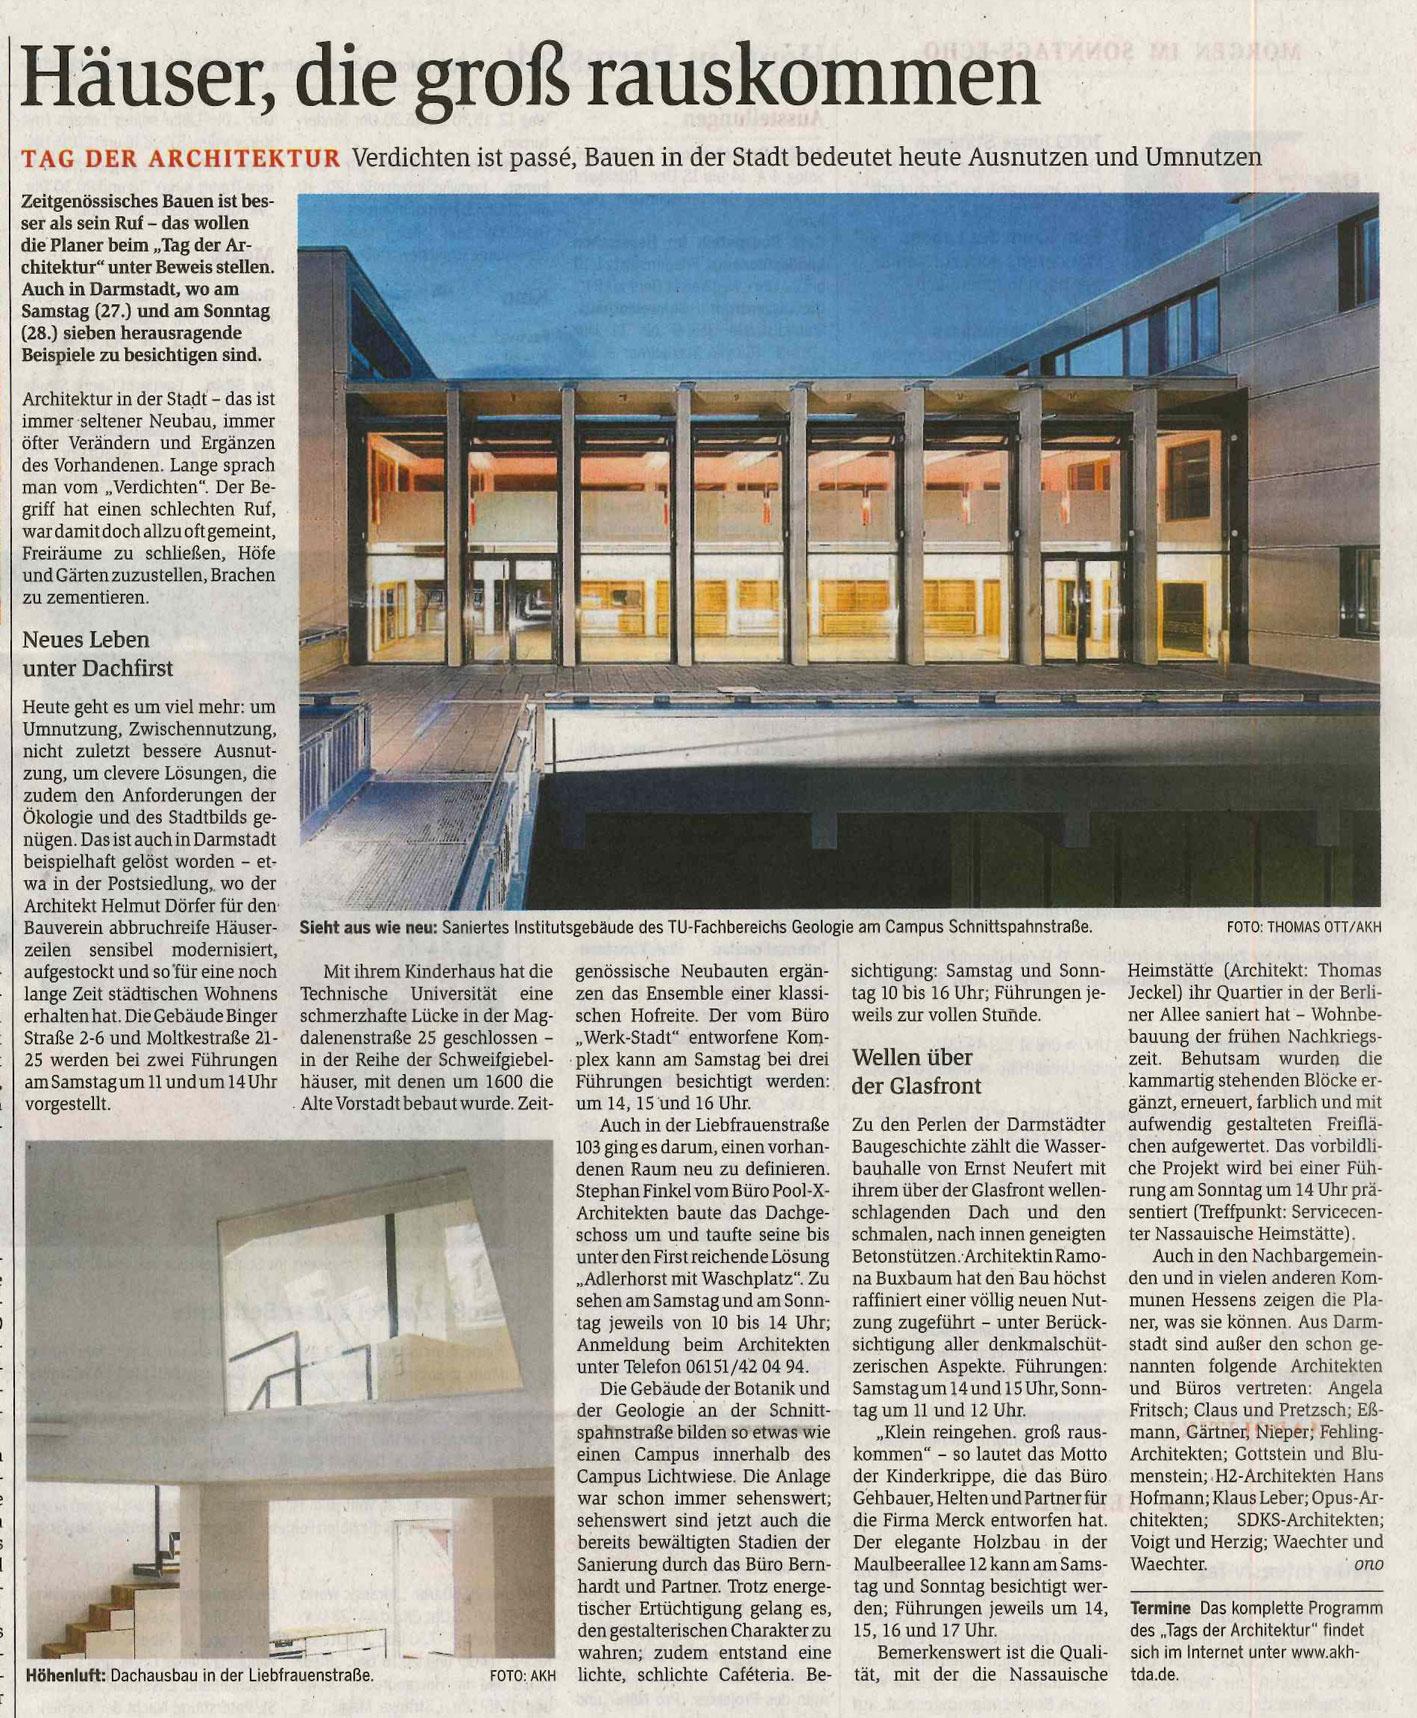 Bericht Des Darmstädter Echo Vom 26.6.2015 Anlässlich Des Tages Der  Architektur Energetische Sanierung Der Denkmalgeschützten  Ernst Neufert Halle ...